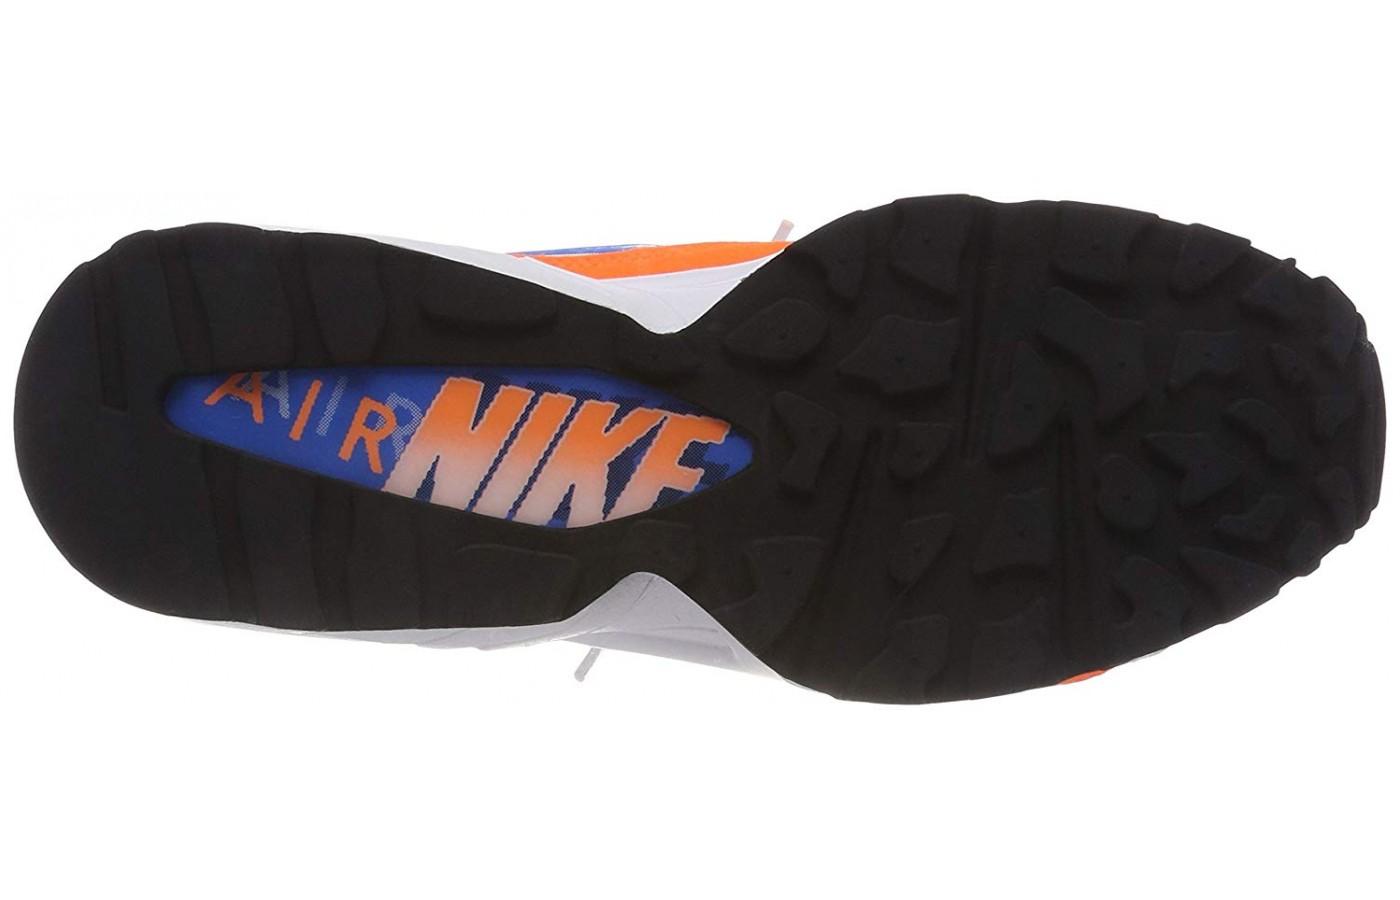 Air Max 93 sole